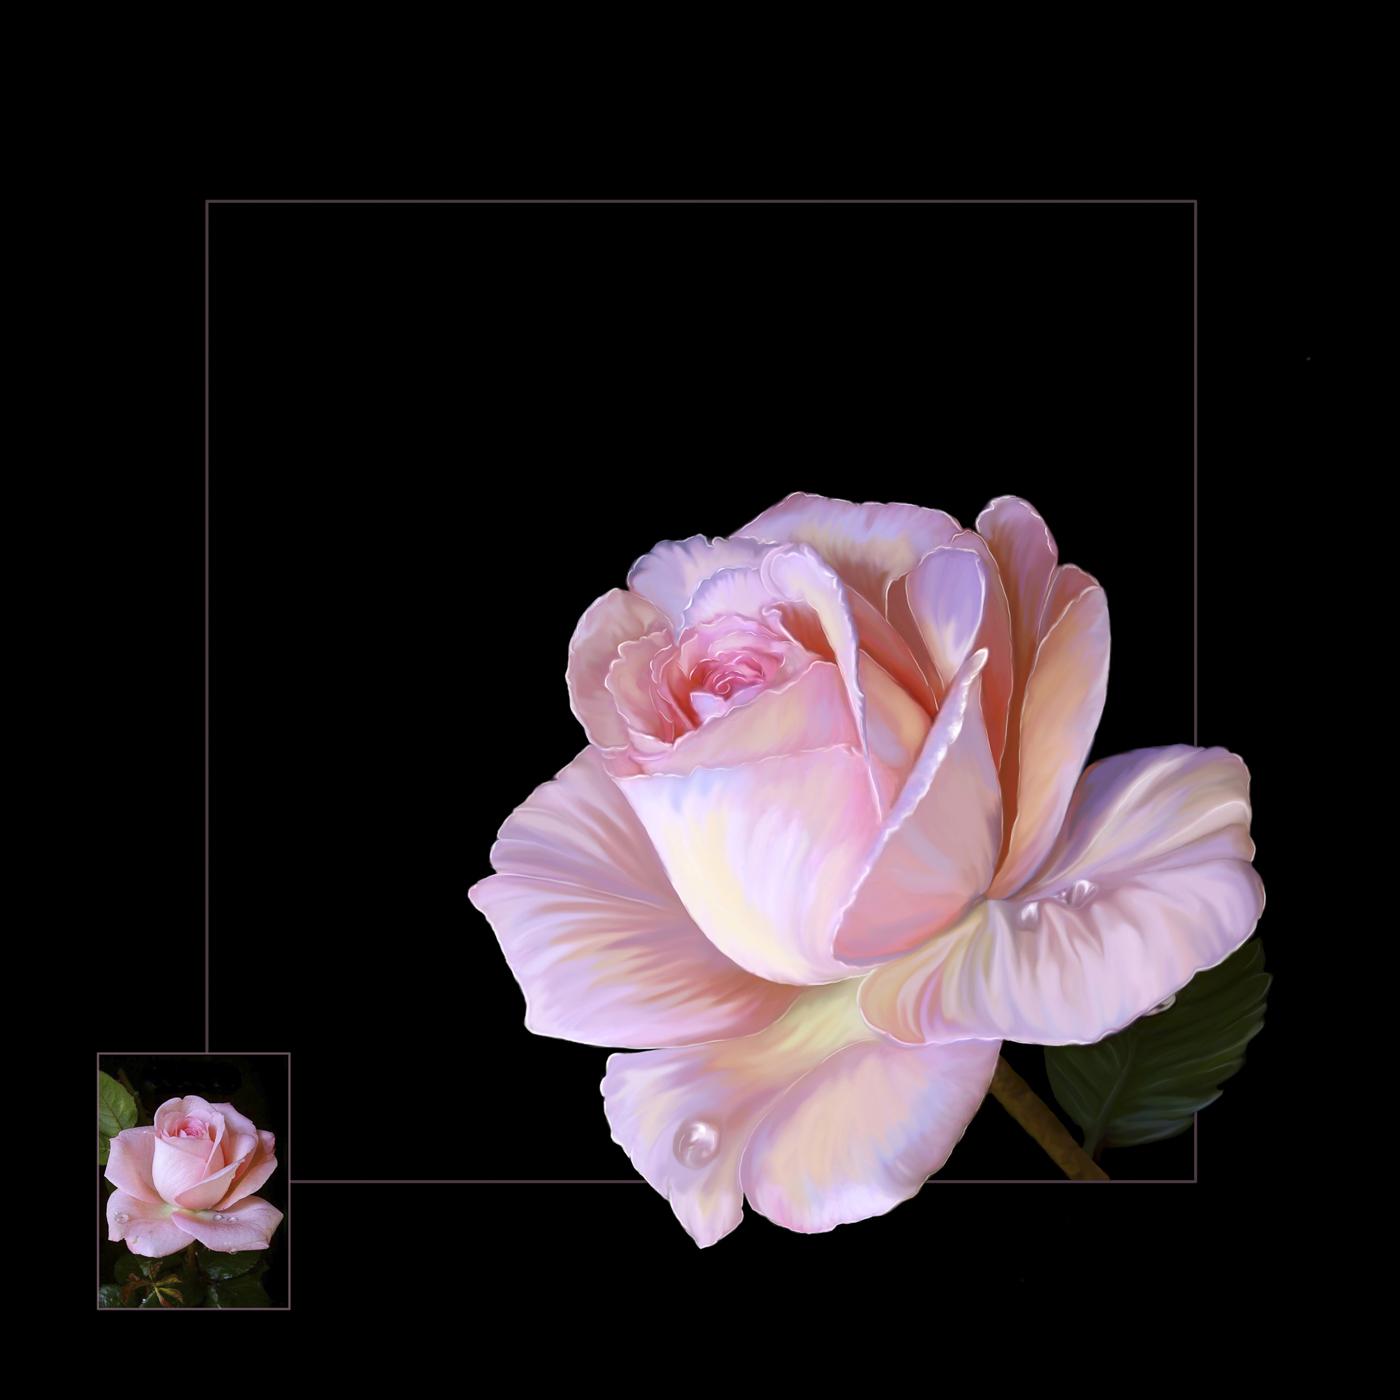 TAPPA_21_02_48096_2_---- My Pastel Rose.